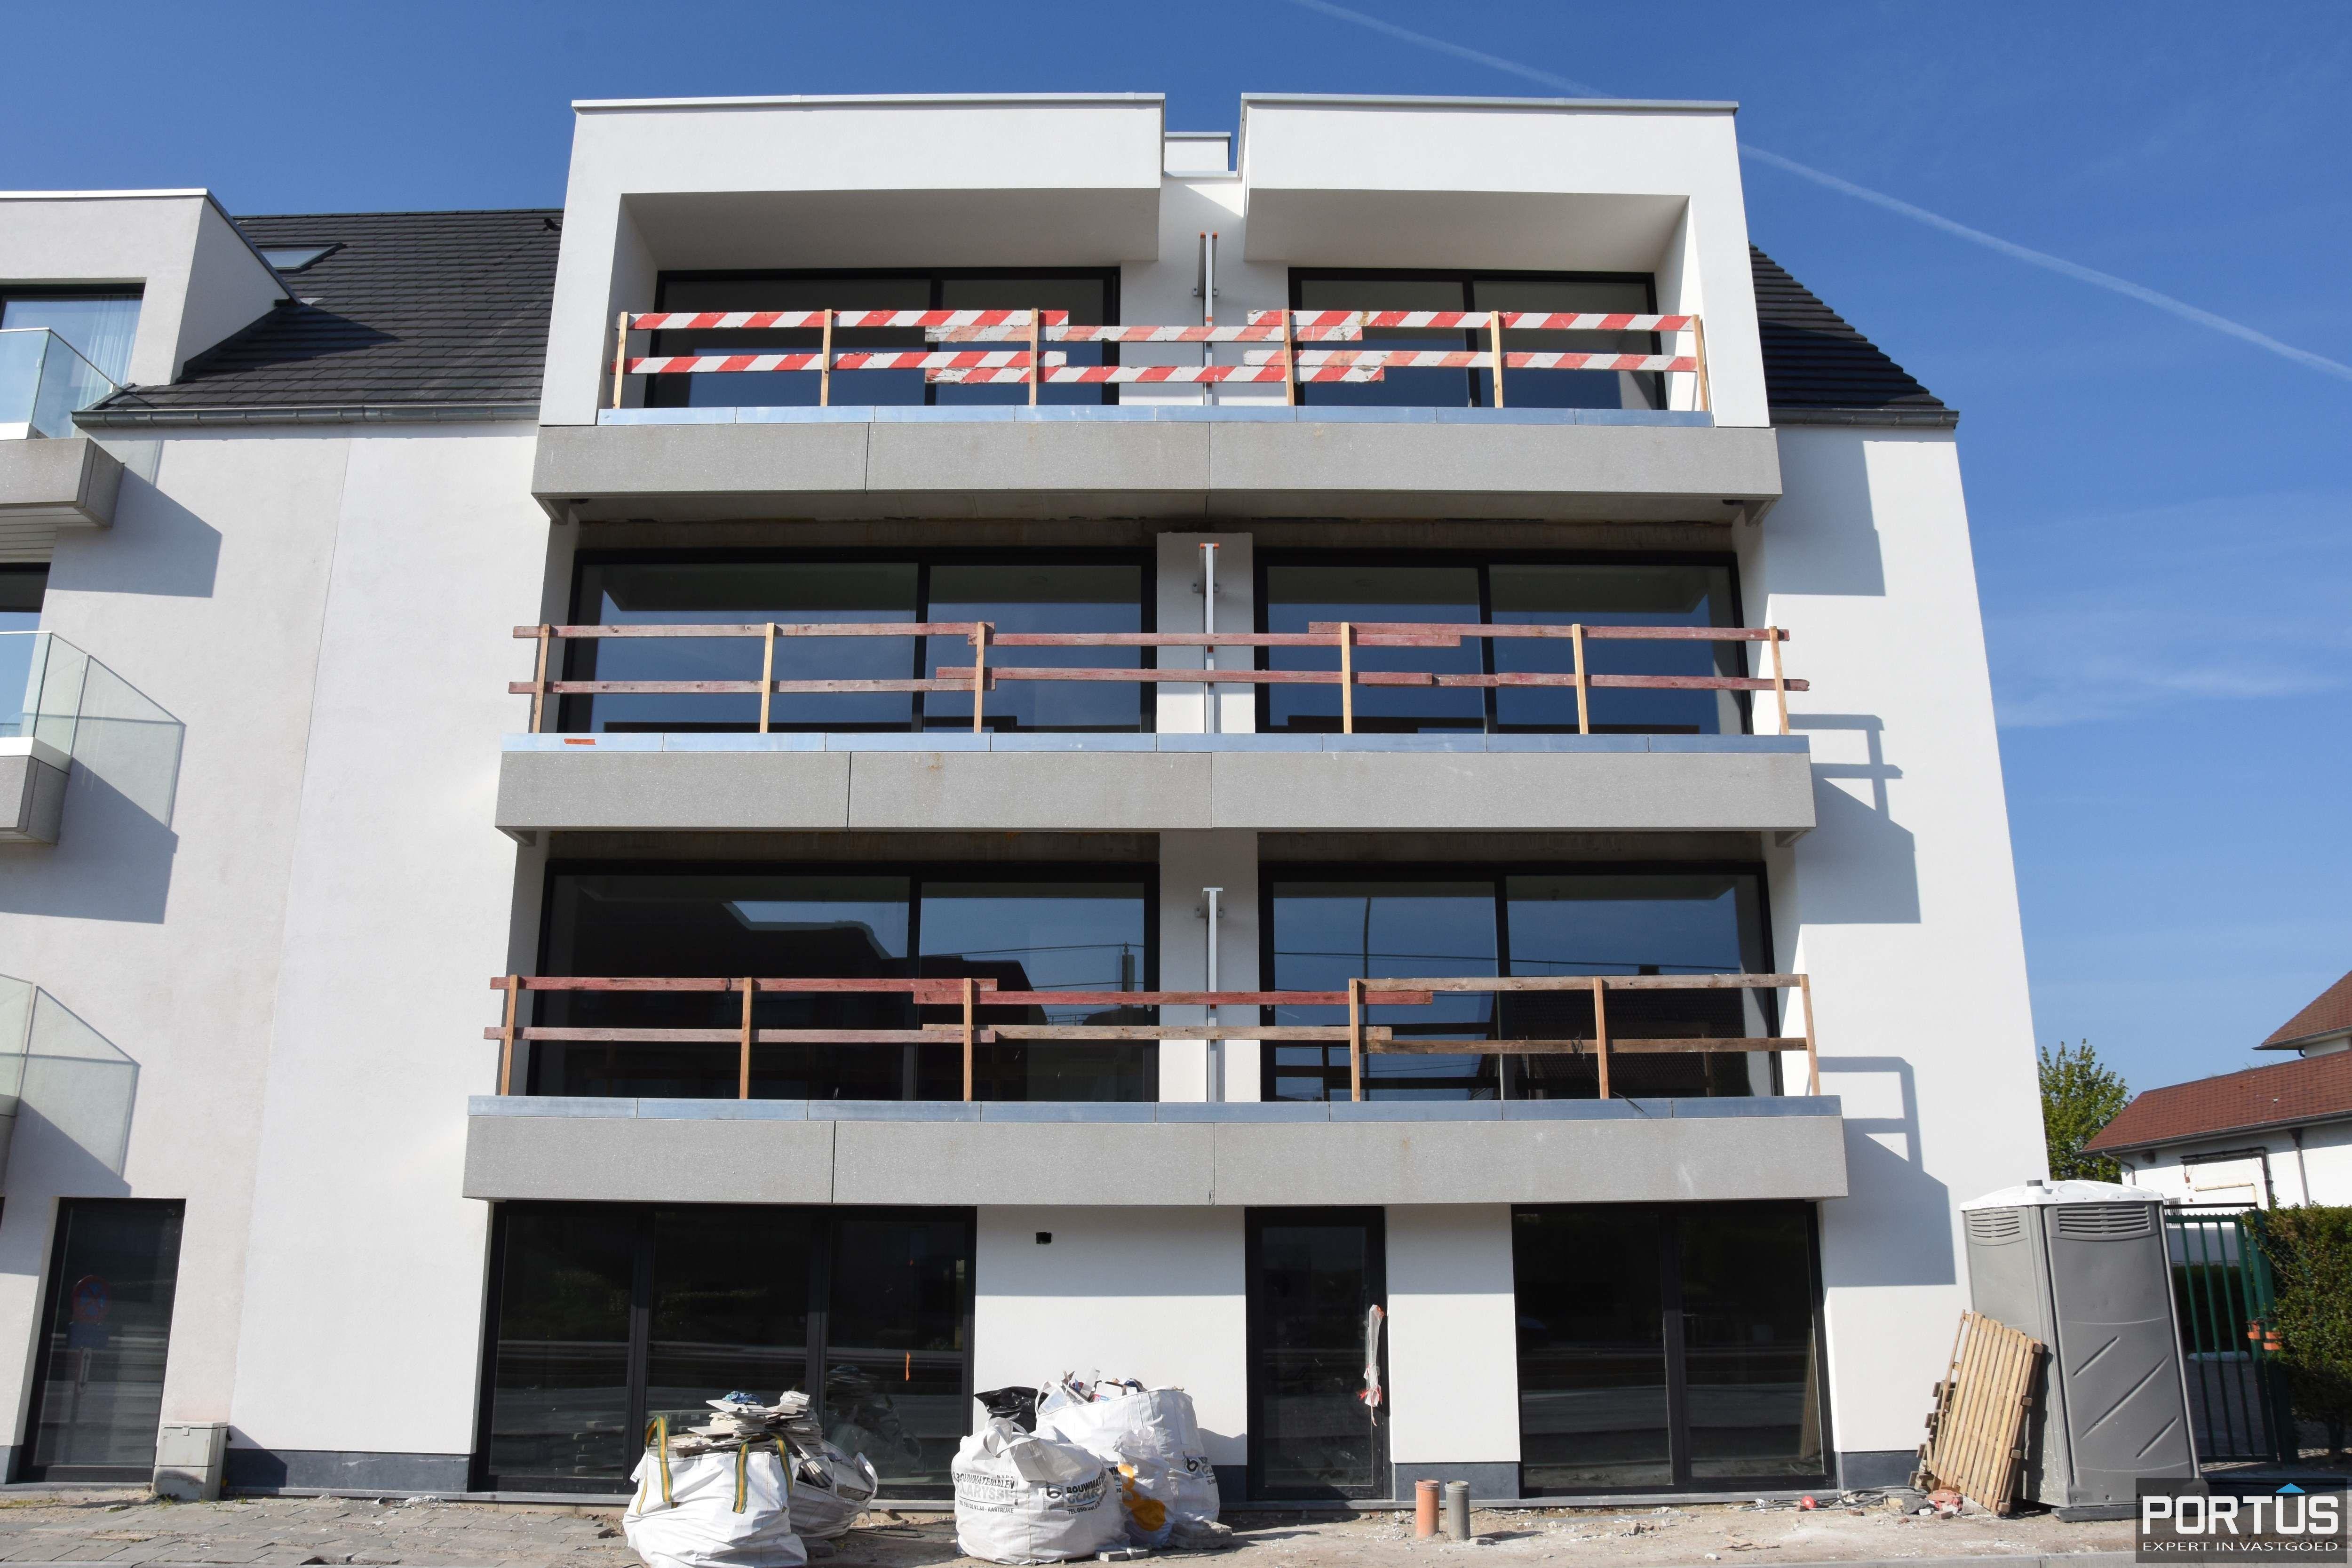 Recent appartement te huur met 3 slaapkamers, kelderberging en parking - 11108